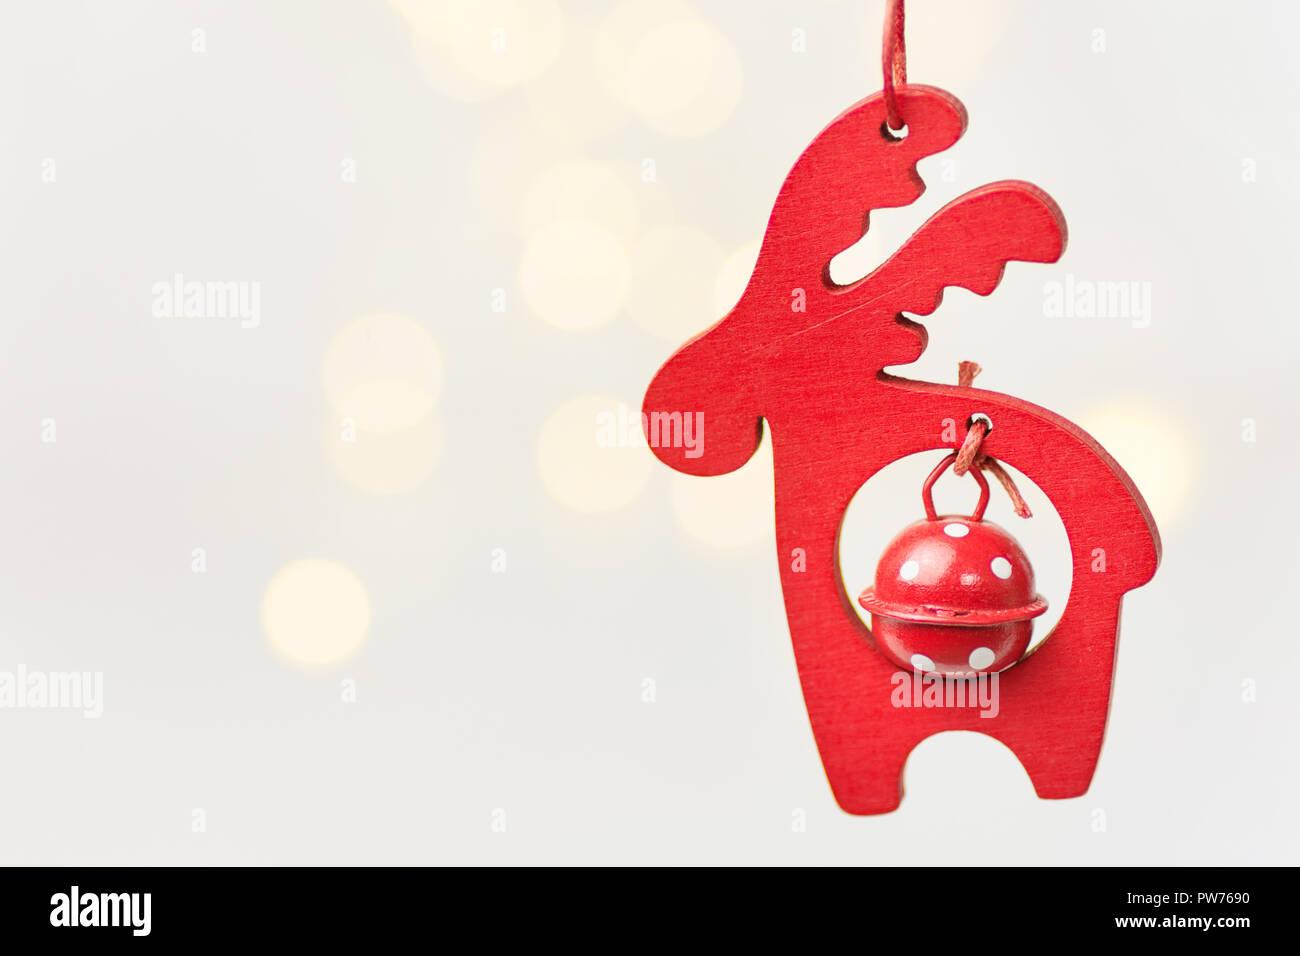 Ornement de Noël en bois de cerf rouge avec bell accroché sur fond blanc avec golden garland bokeh lights. Des couleurs pastel. Ambiance de vacances magiques. Cl Photo Stock